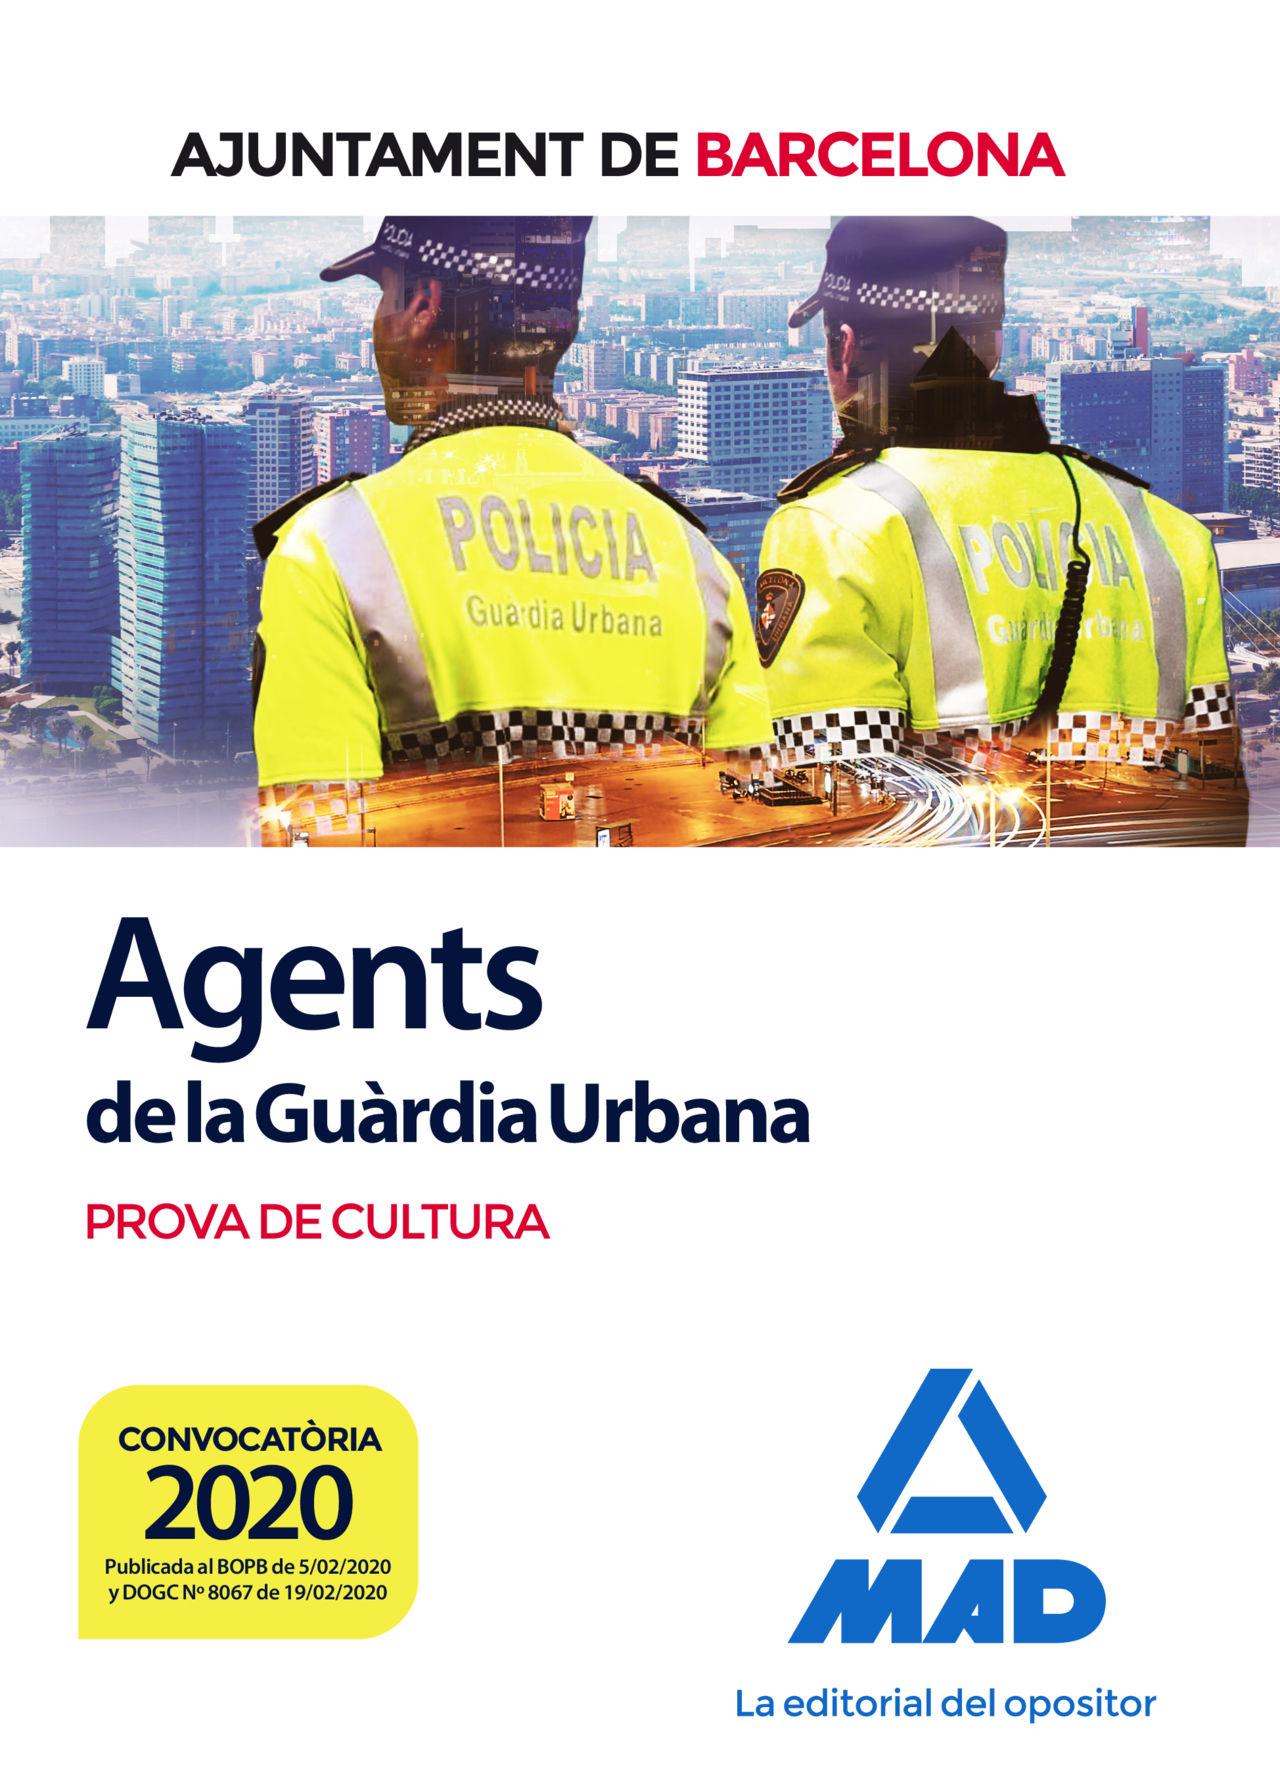 AGENTS DE LA GUÀRDIA URBANA DE L'AJUNTAMENT DE BARCELONA. PROVA DE CULTURA